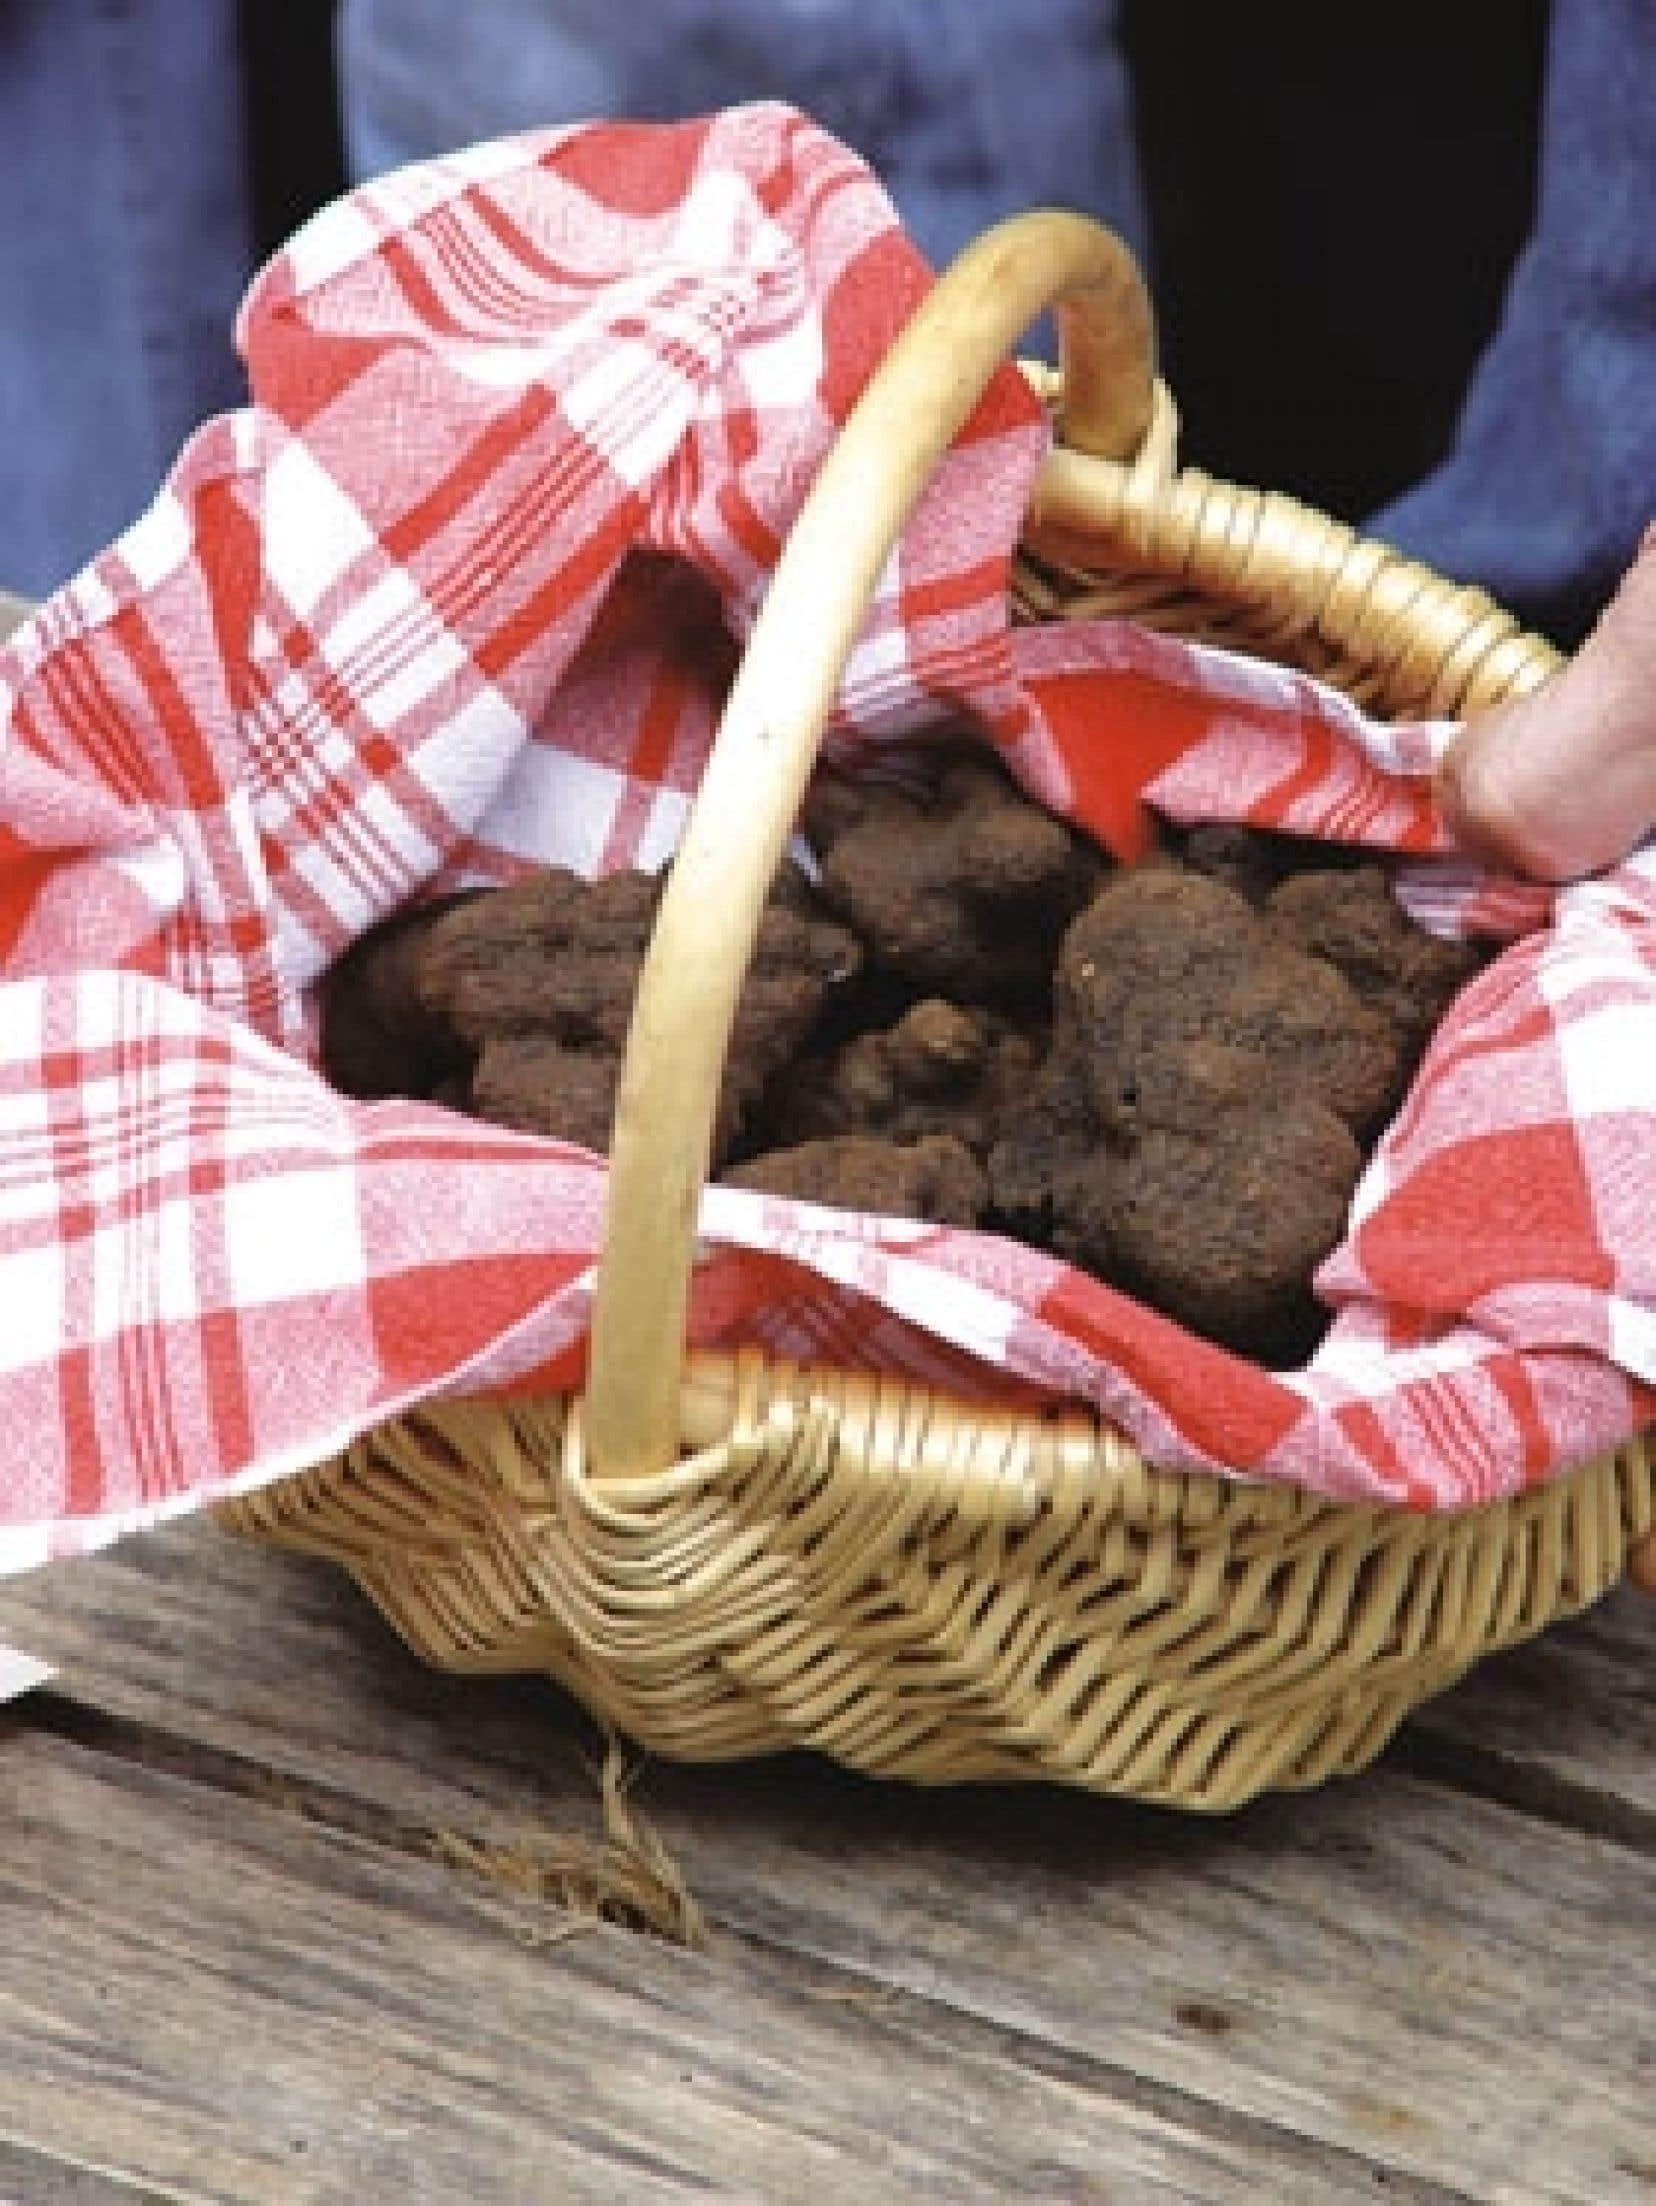 Selon les spécialistes, la truffe fascine toujours autant parce qu'elle demeure un mystère de la nature.